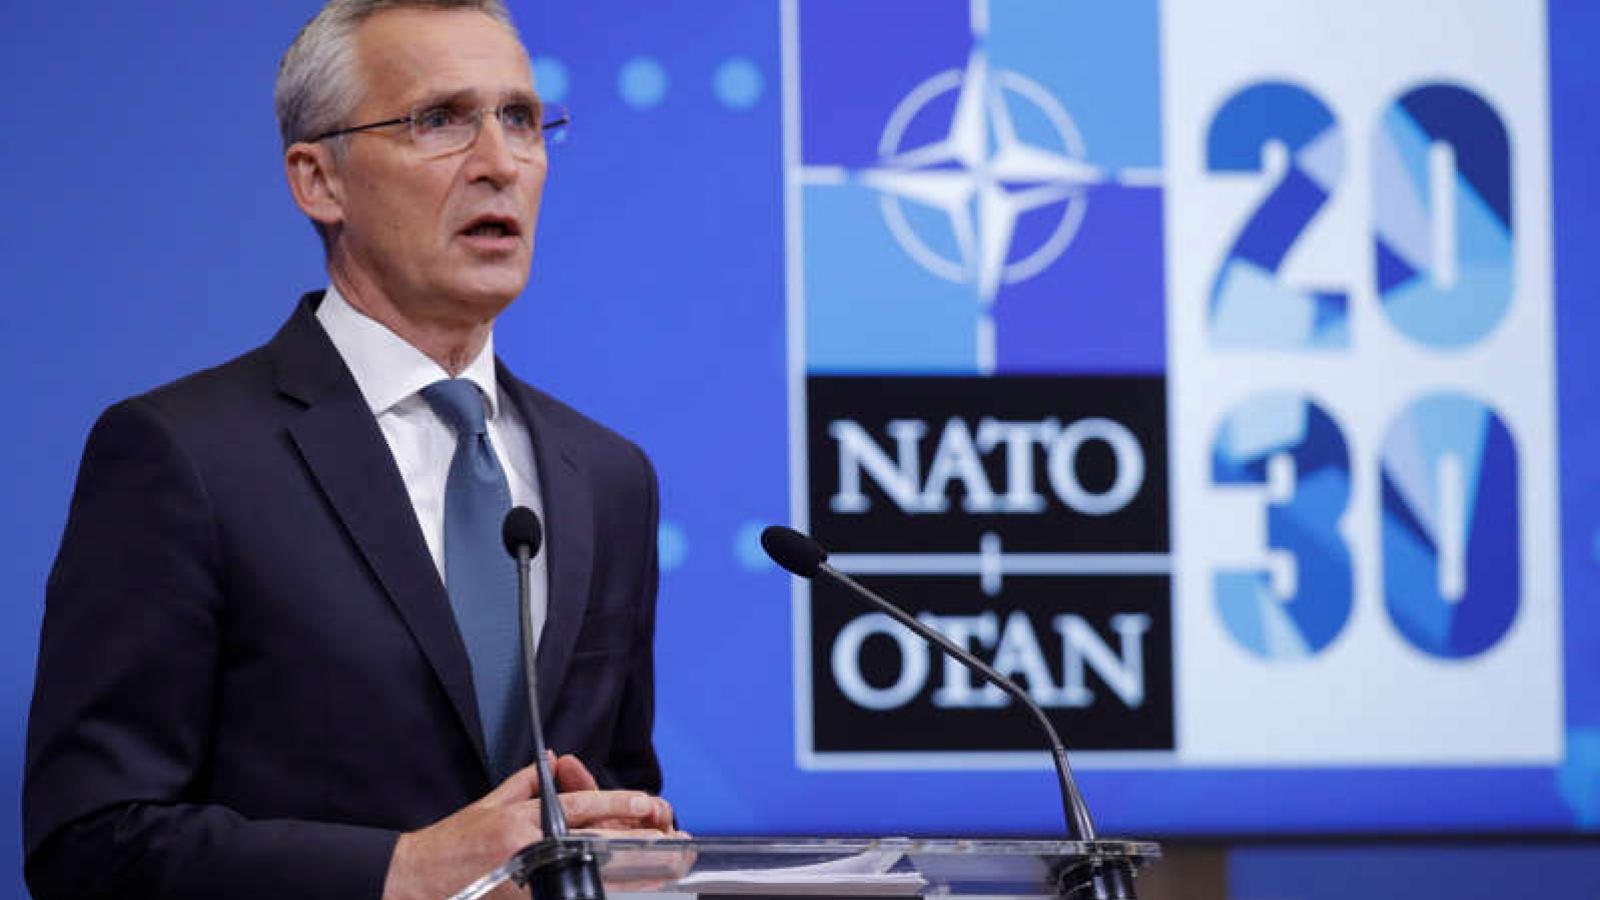 Phái bộ ngoại giao Belarus bị hạn chế tới trụ sở NATO